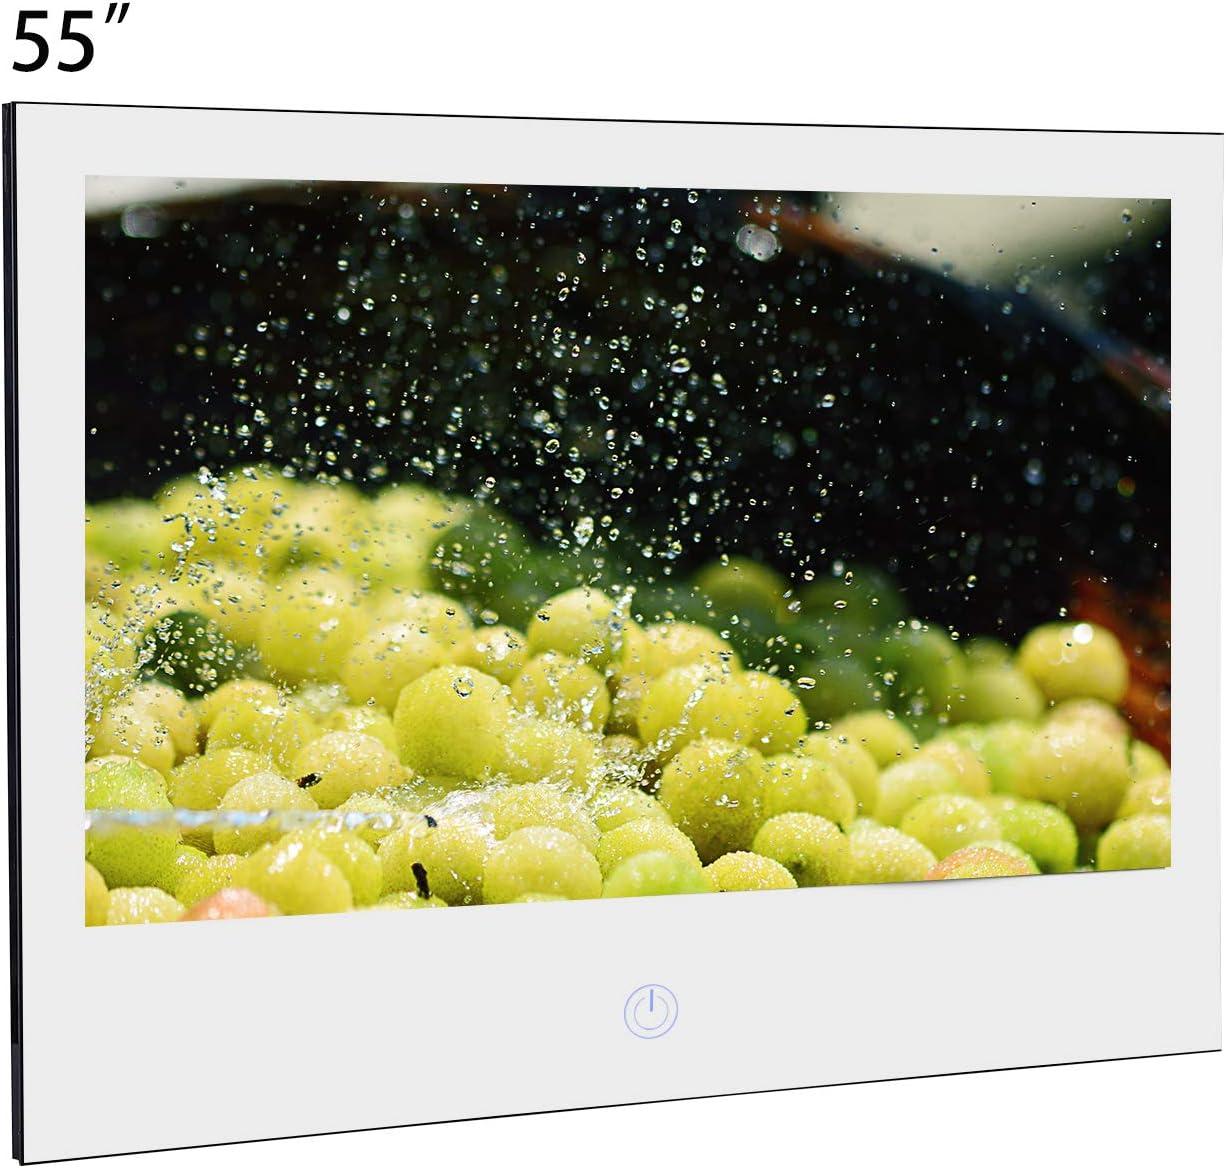 Haocrown TV a Prueba de Agua TV de baño (55, Espejo): Amazon.es ...